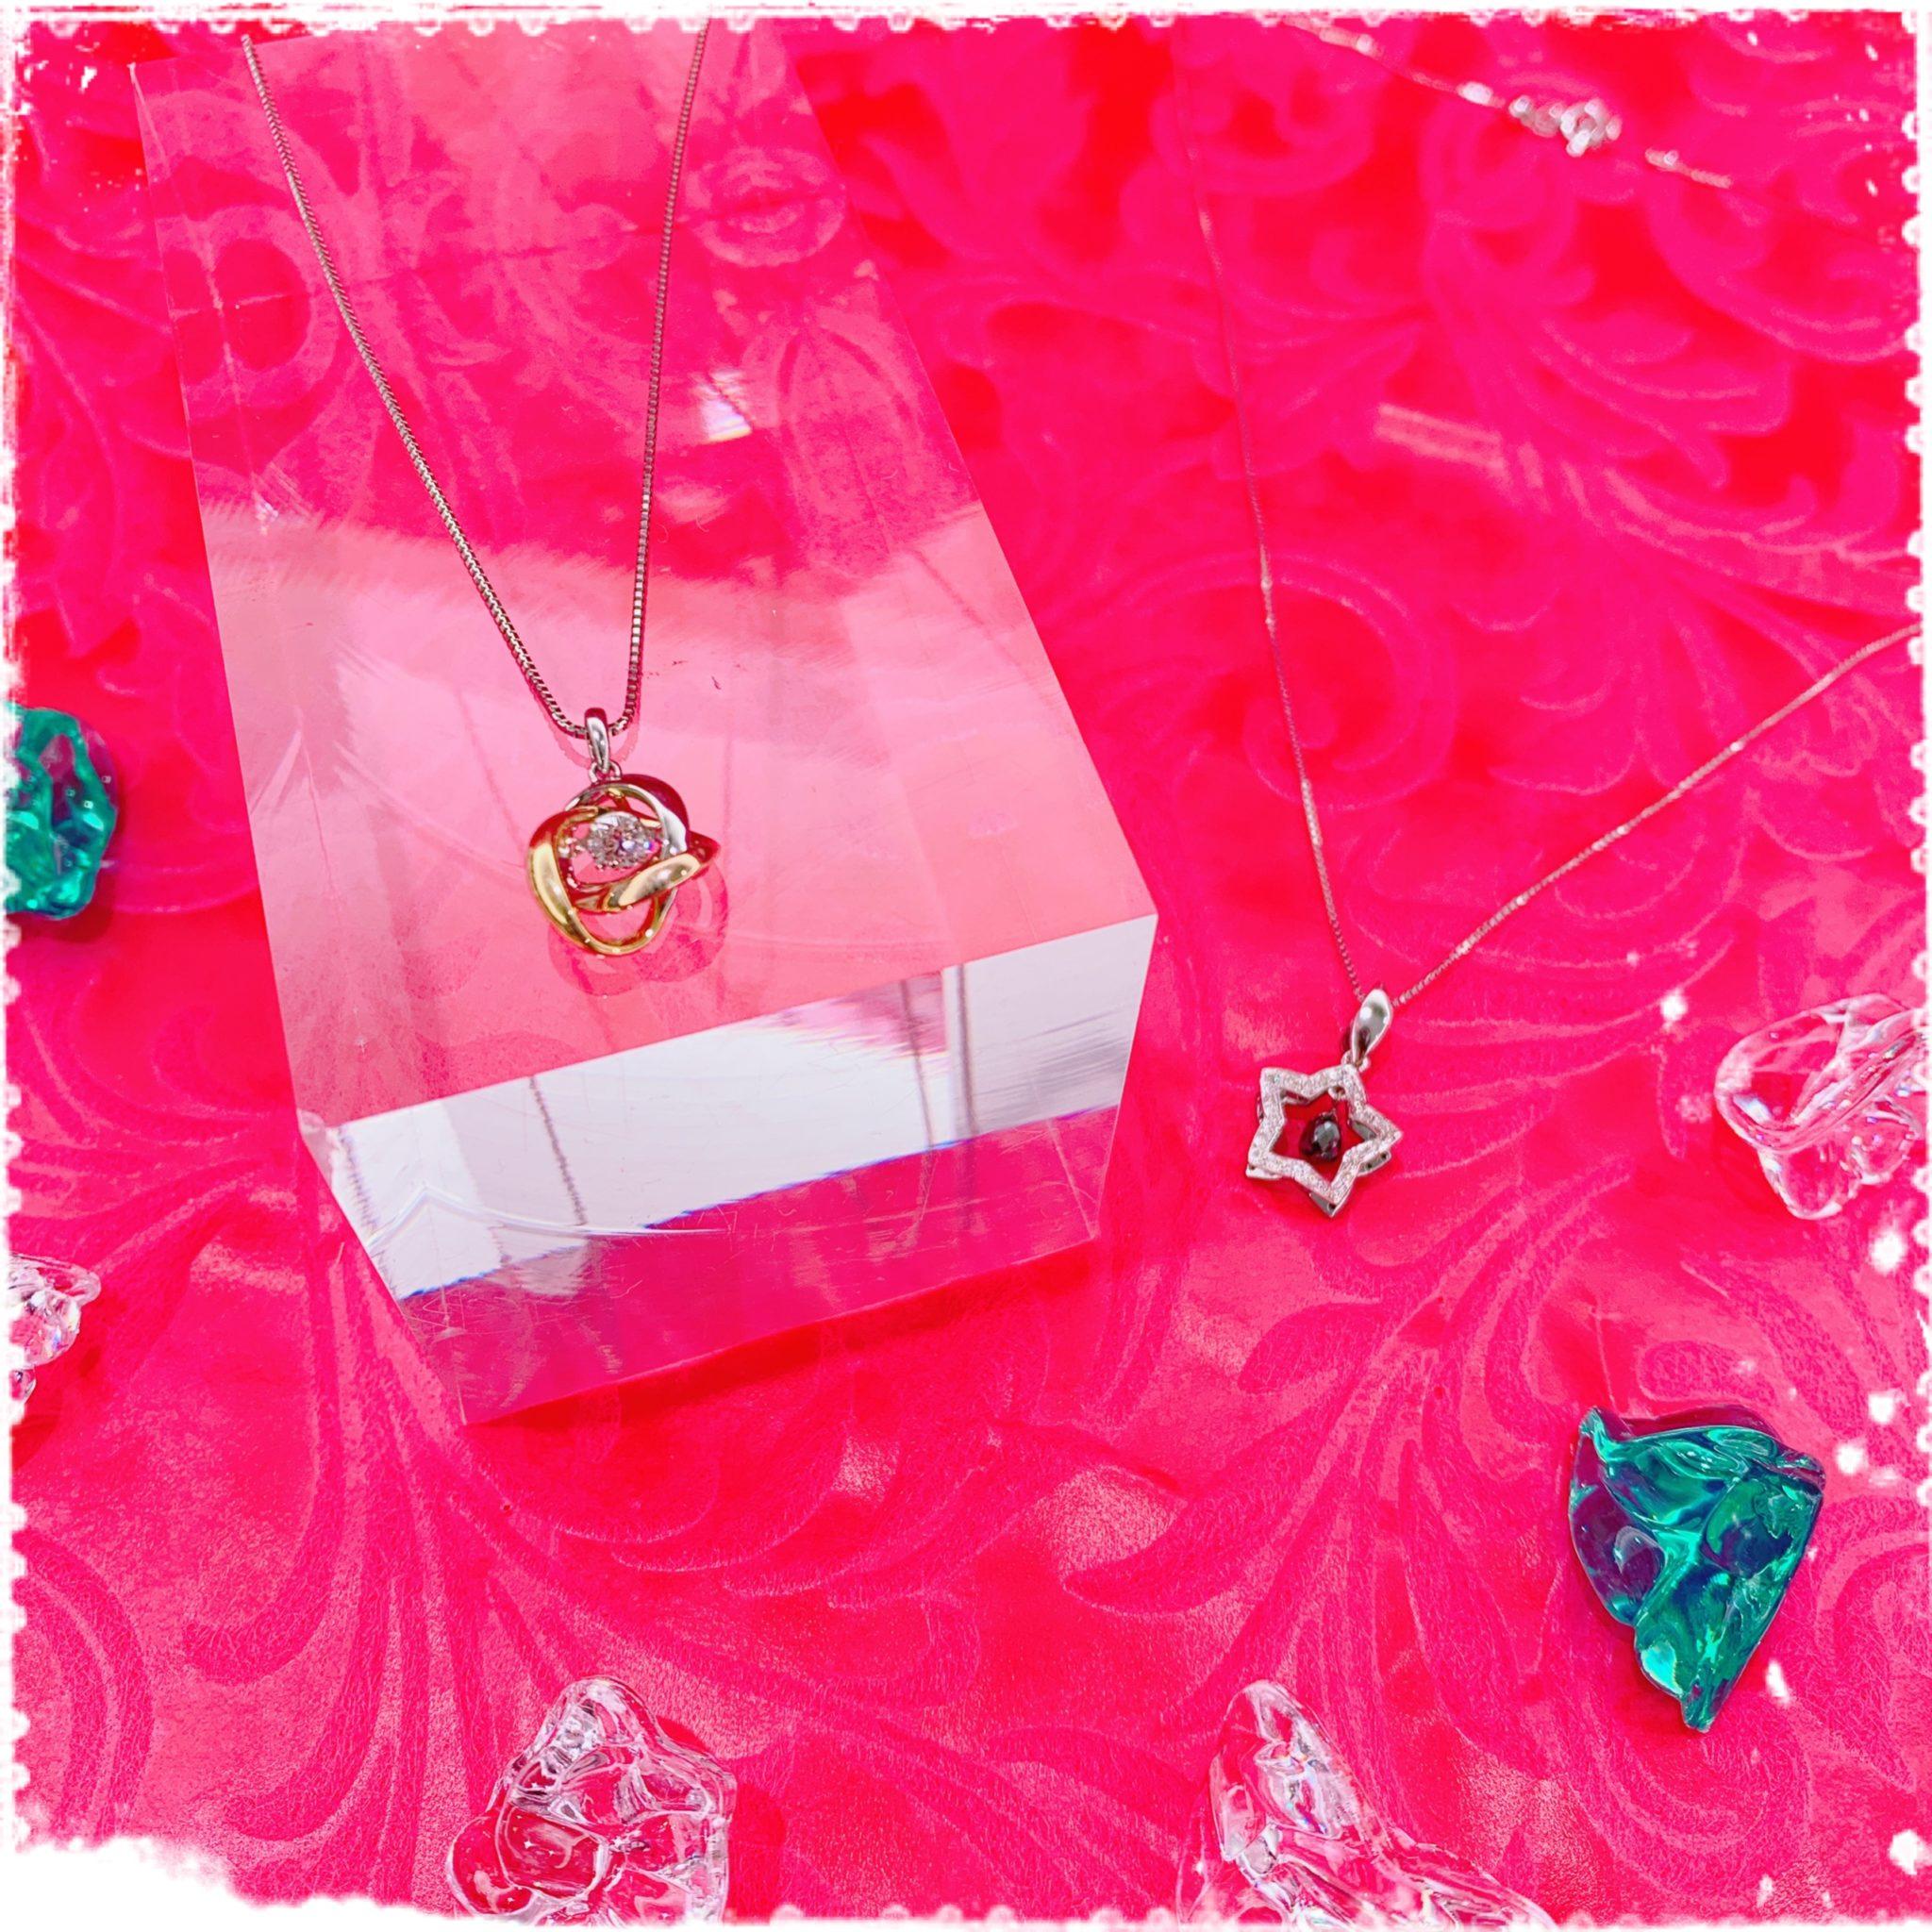 【ダイヤ 販売 盛岡】シンプルだけじゃな~い💎ゆらゆら揺れる遊び心いっぱいのダイヤネックレス